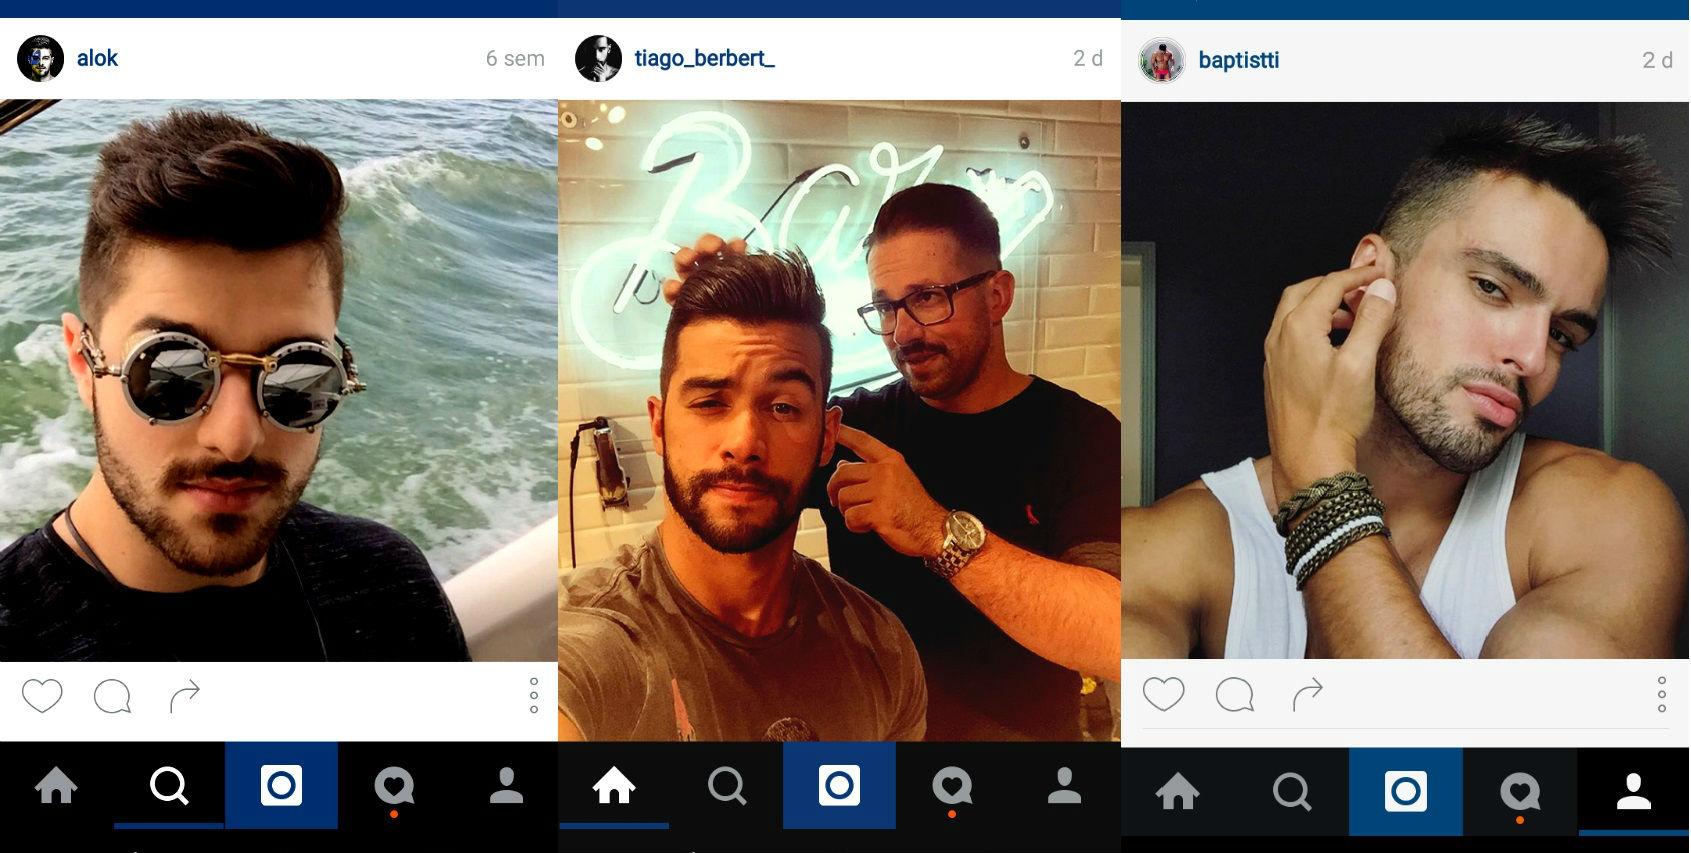 Homem No Espelho - cabelos do Instagram 9.